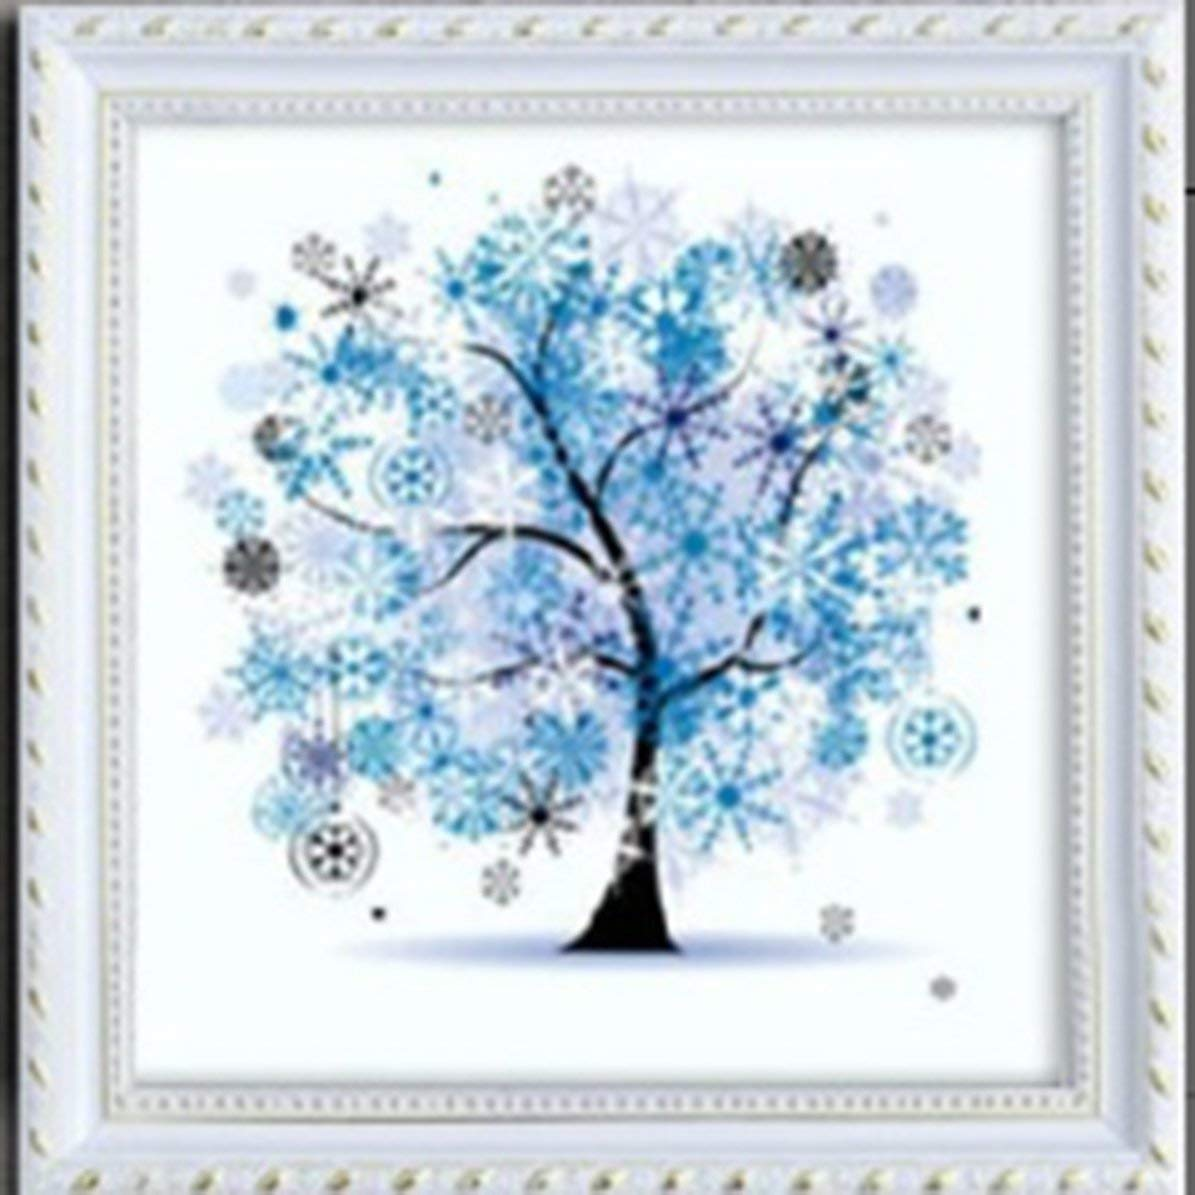 ウィンターダイヤモンドペインティング 5D DIY ダイヤモンドペインティング 刺繍 ラインストーン クロスステッチ アートクラフト 家庭用壁装飾 B07RP1B2B6